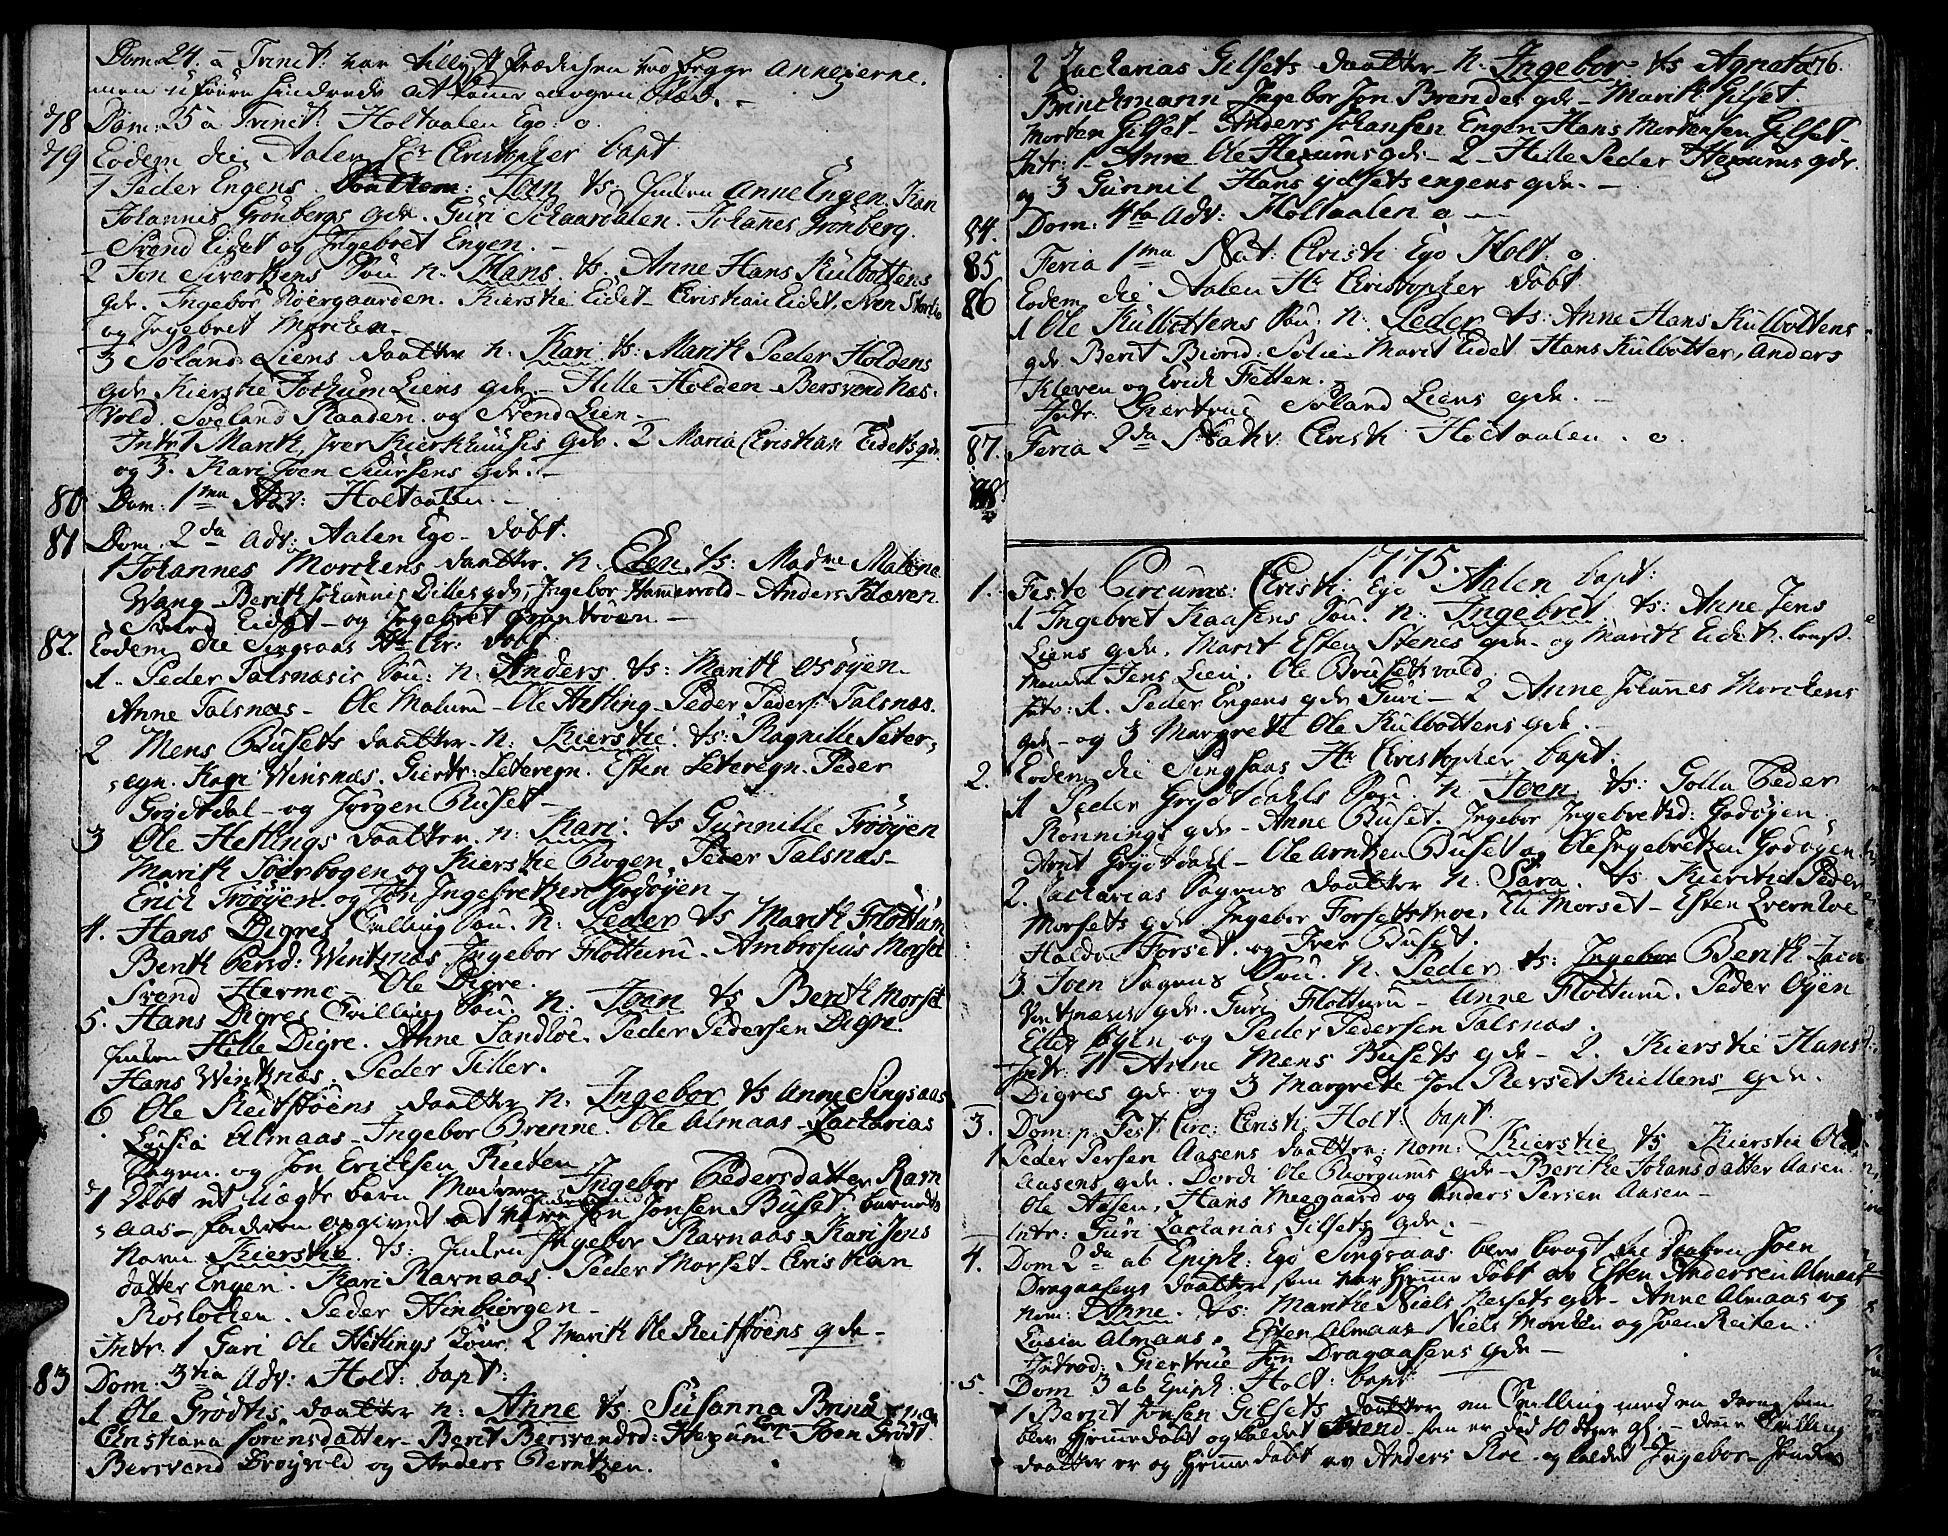 SAT, Ministerialprotokoller, klokkerbøker og fødselsregistre - Sør-Trøndelag, 685/L0952: Ministerialbok nr. 685A01, 1745-1804, s. 76